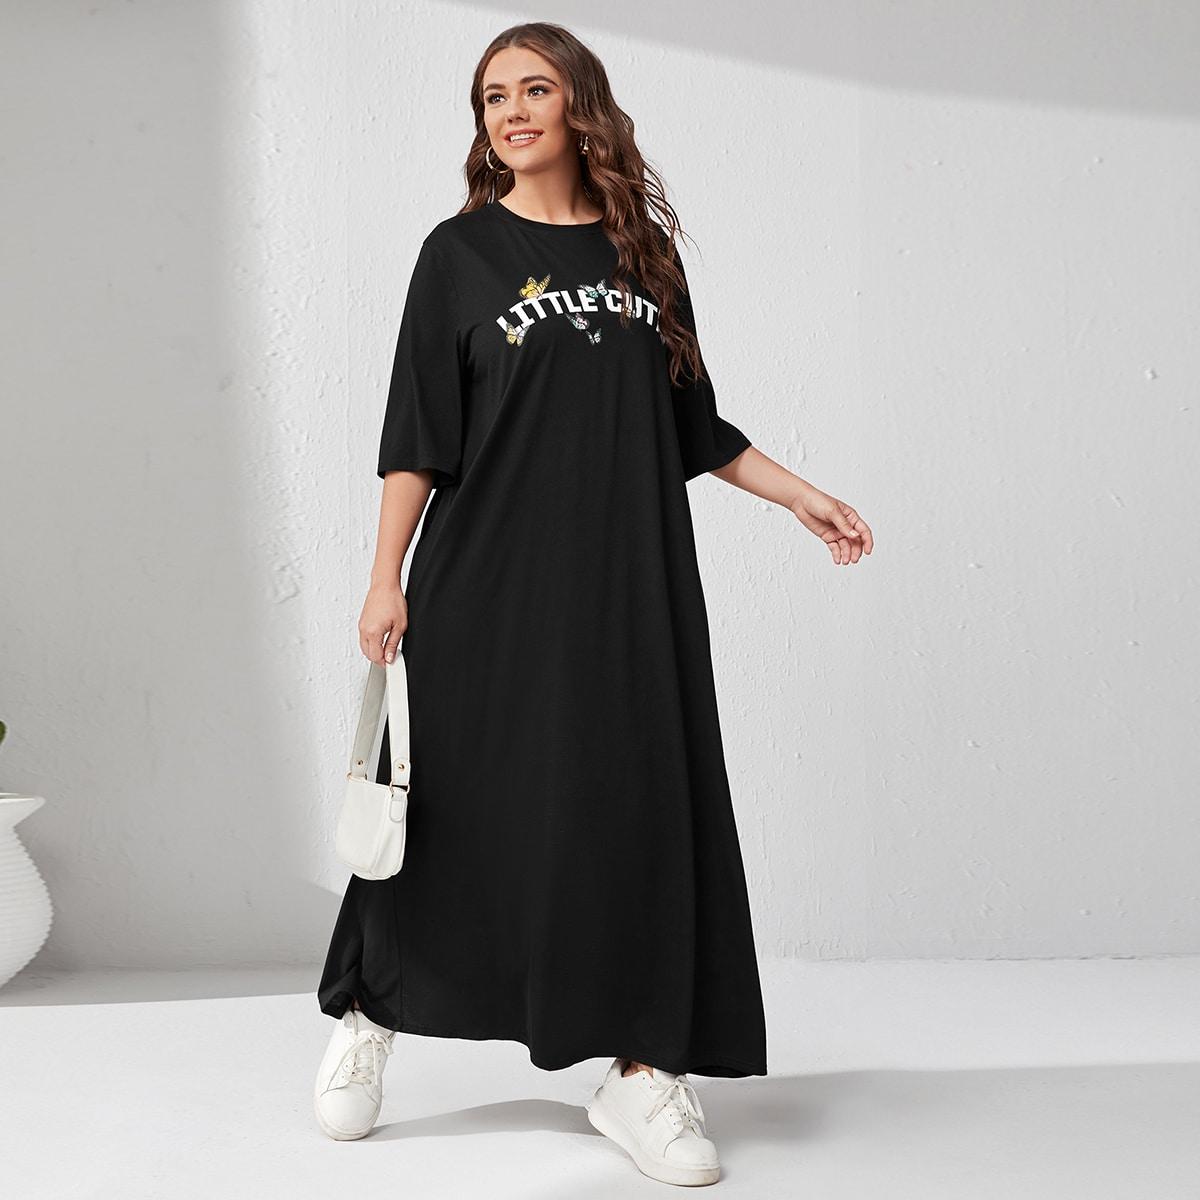 размера плюс Платье в горошек & с текстовым принтом